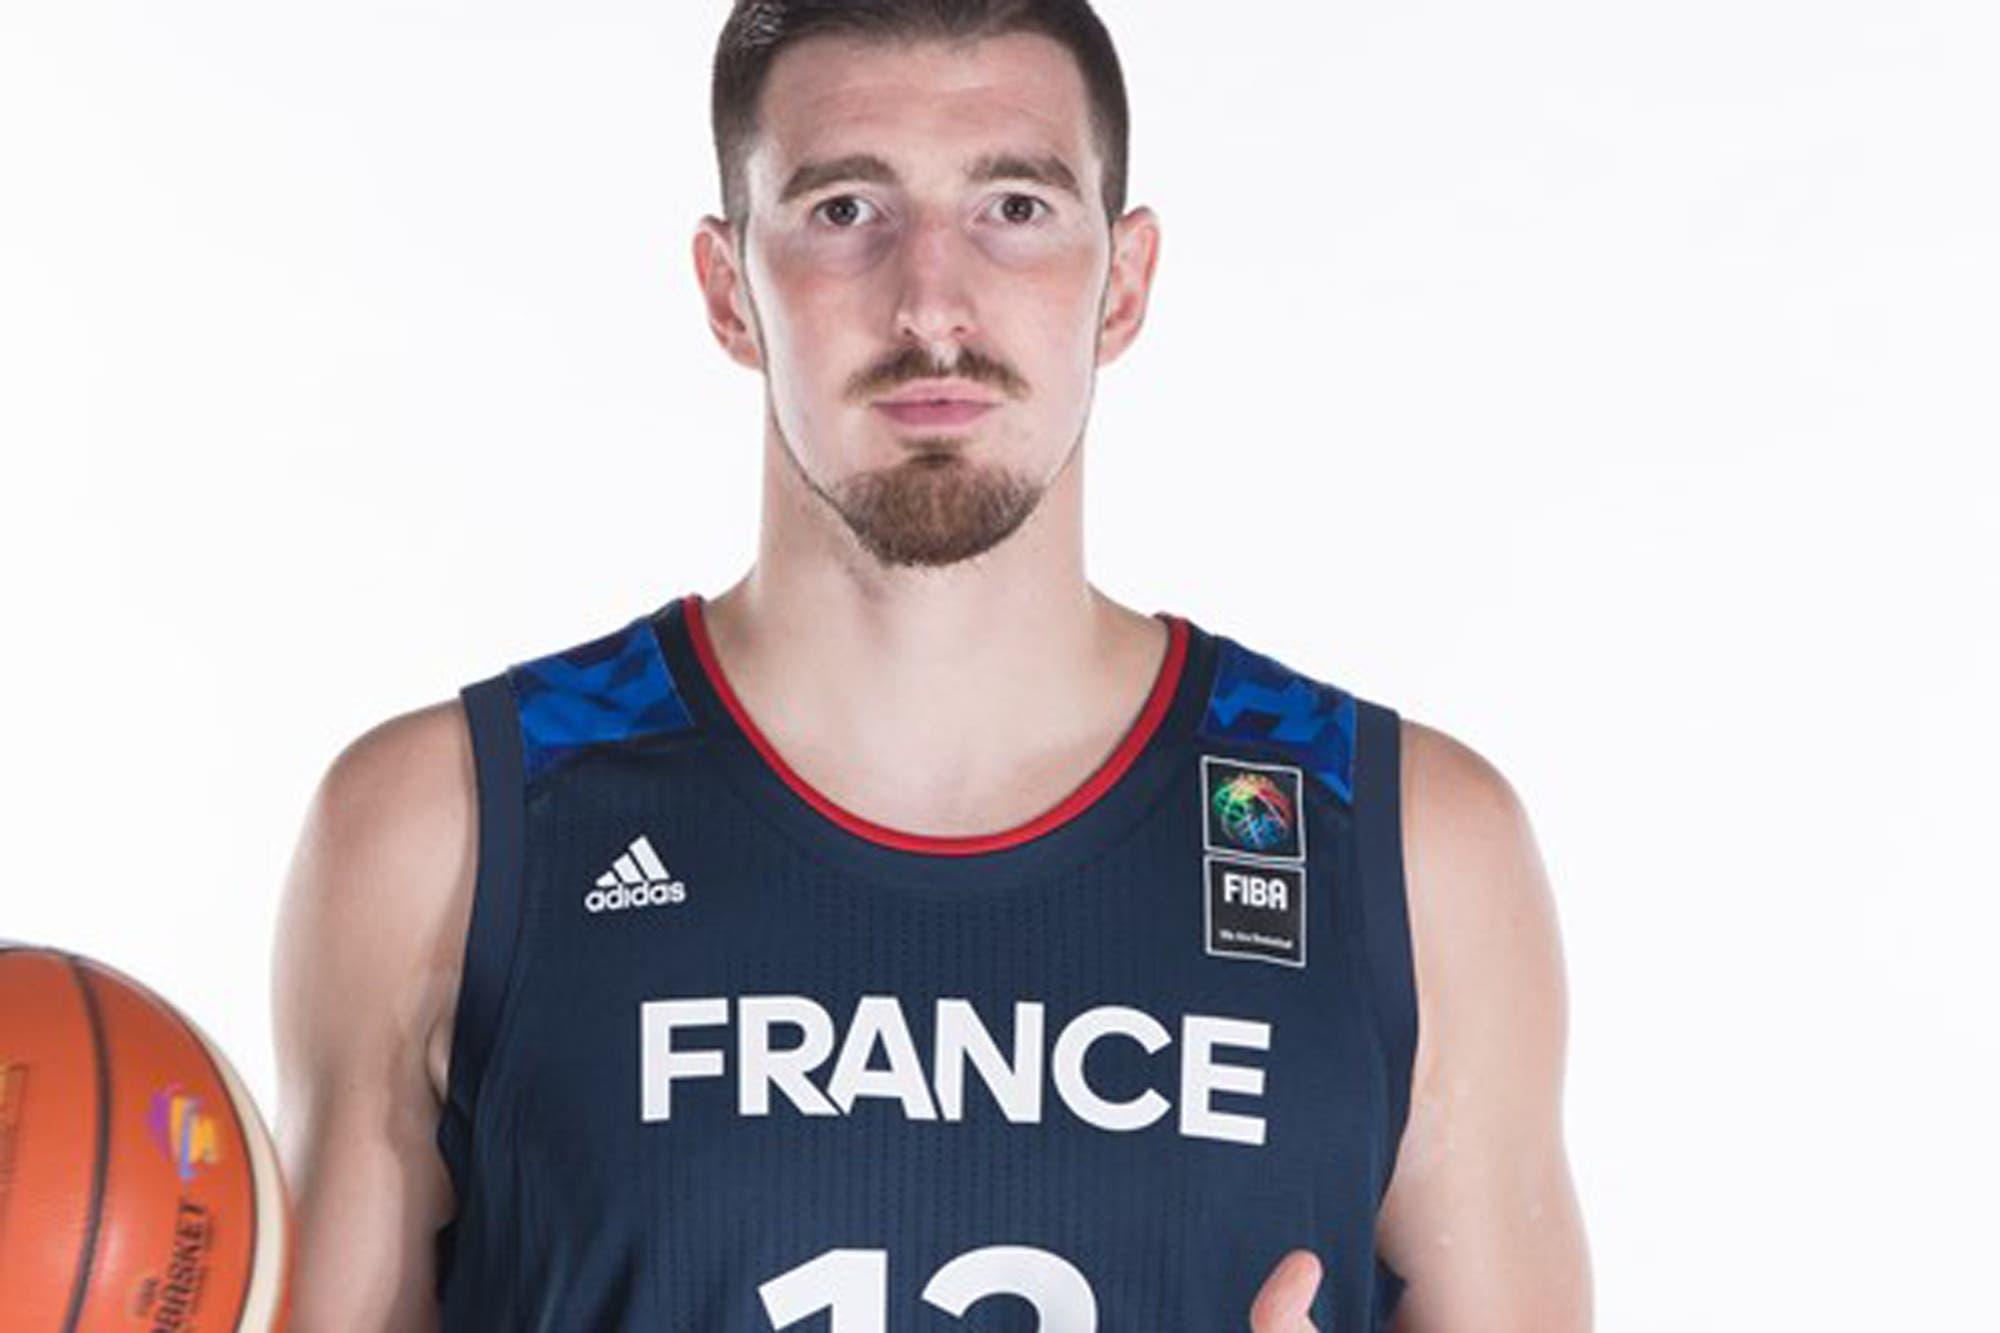 Mundial de básquet. Nando De Colo, el cerebro de Francia, y los cuidados para jugar la semifinal ante la Argentina